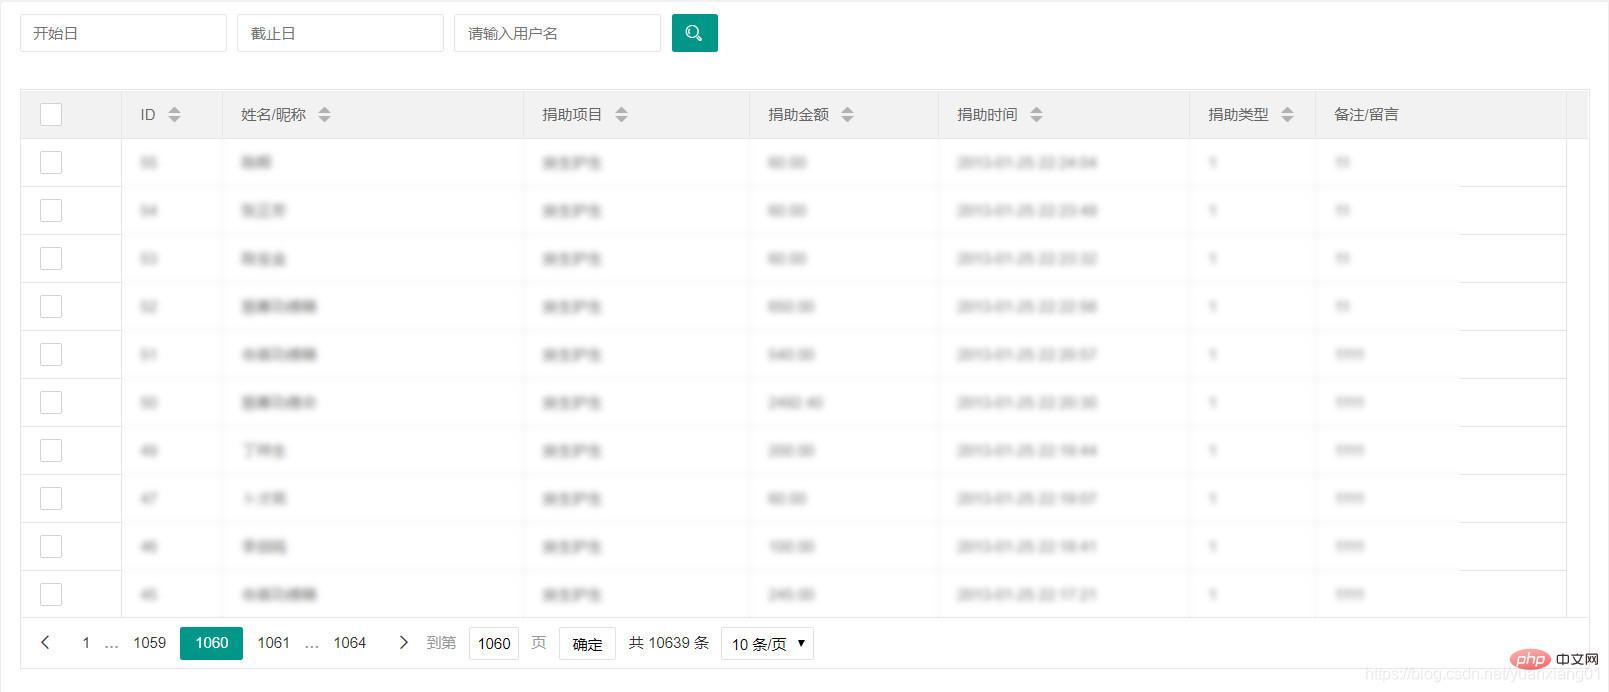 6f97b43789befdc29b4c142a93c66a4d 0 - PHP学习_PHP+MySQL+LayUI分页查询显示